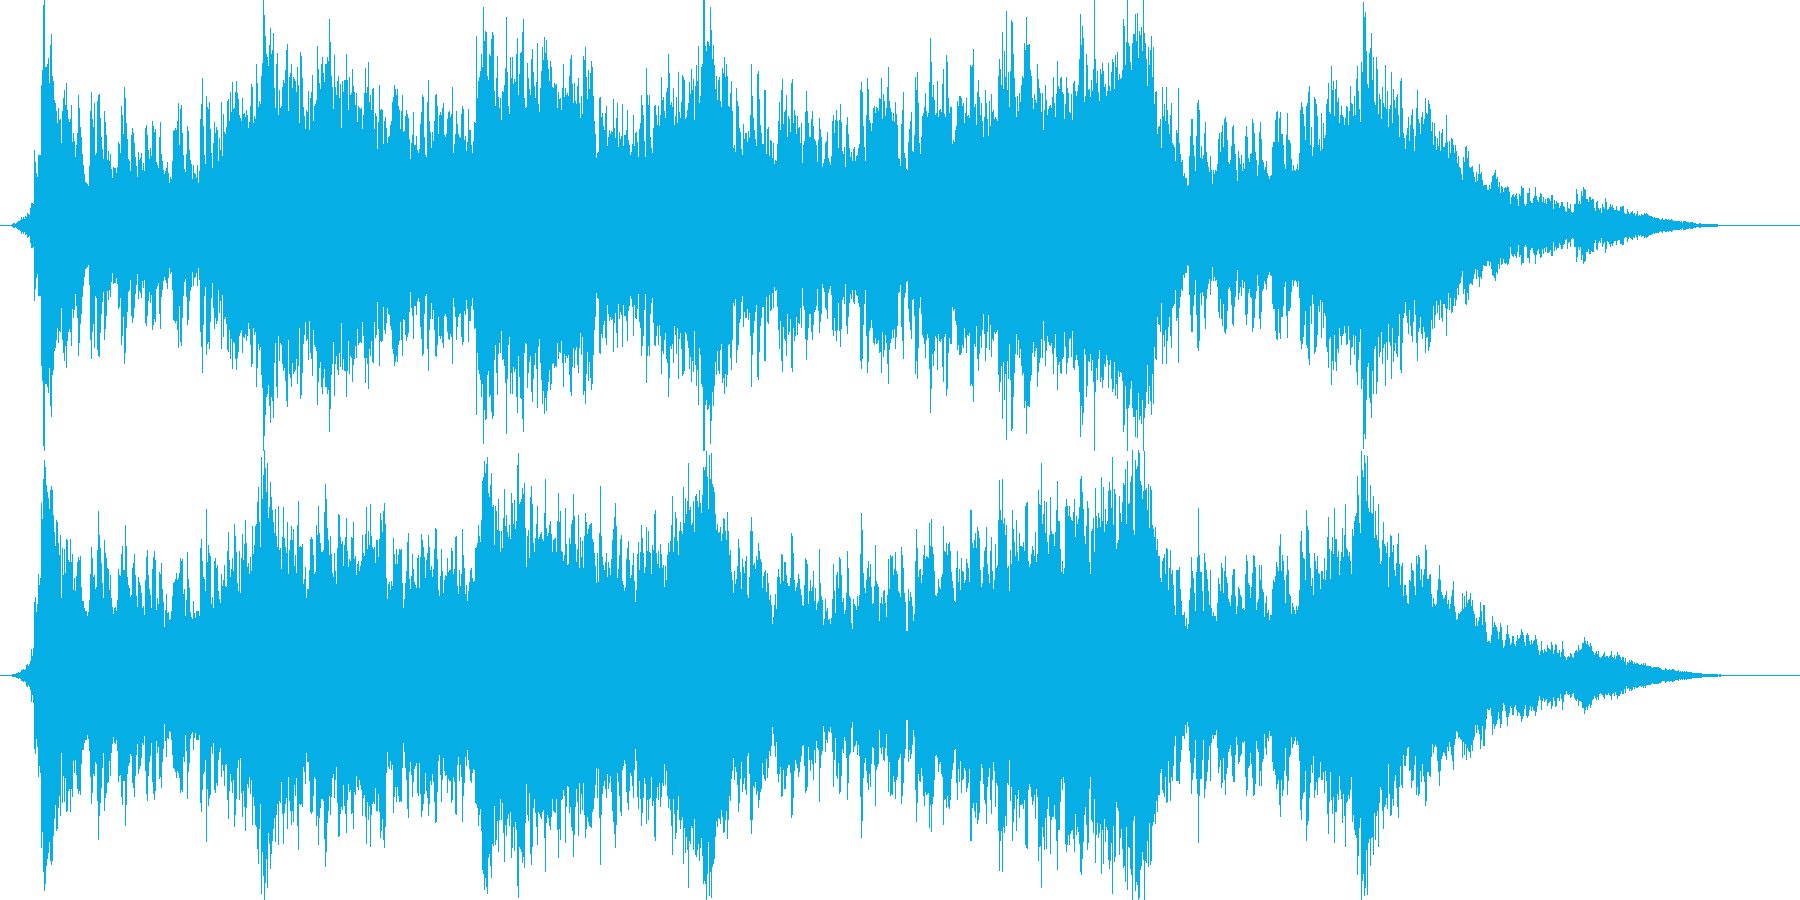 対戦結果画面で流れていそうな曲の再生済みの波形